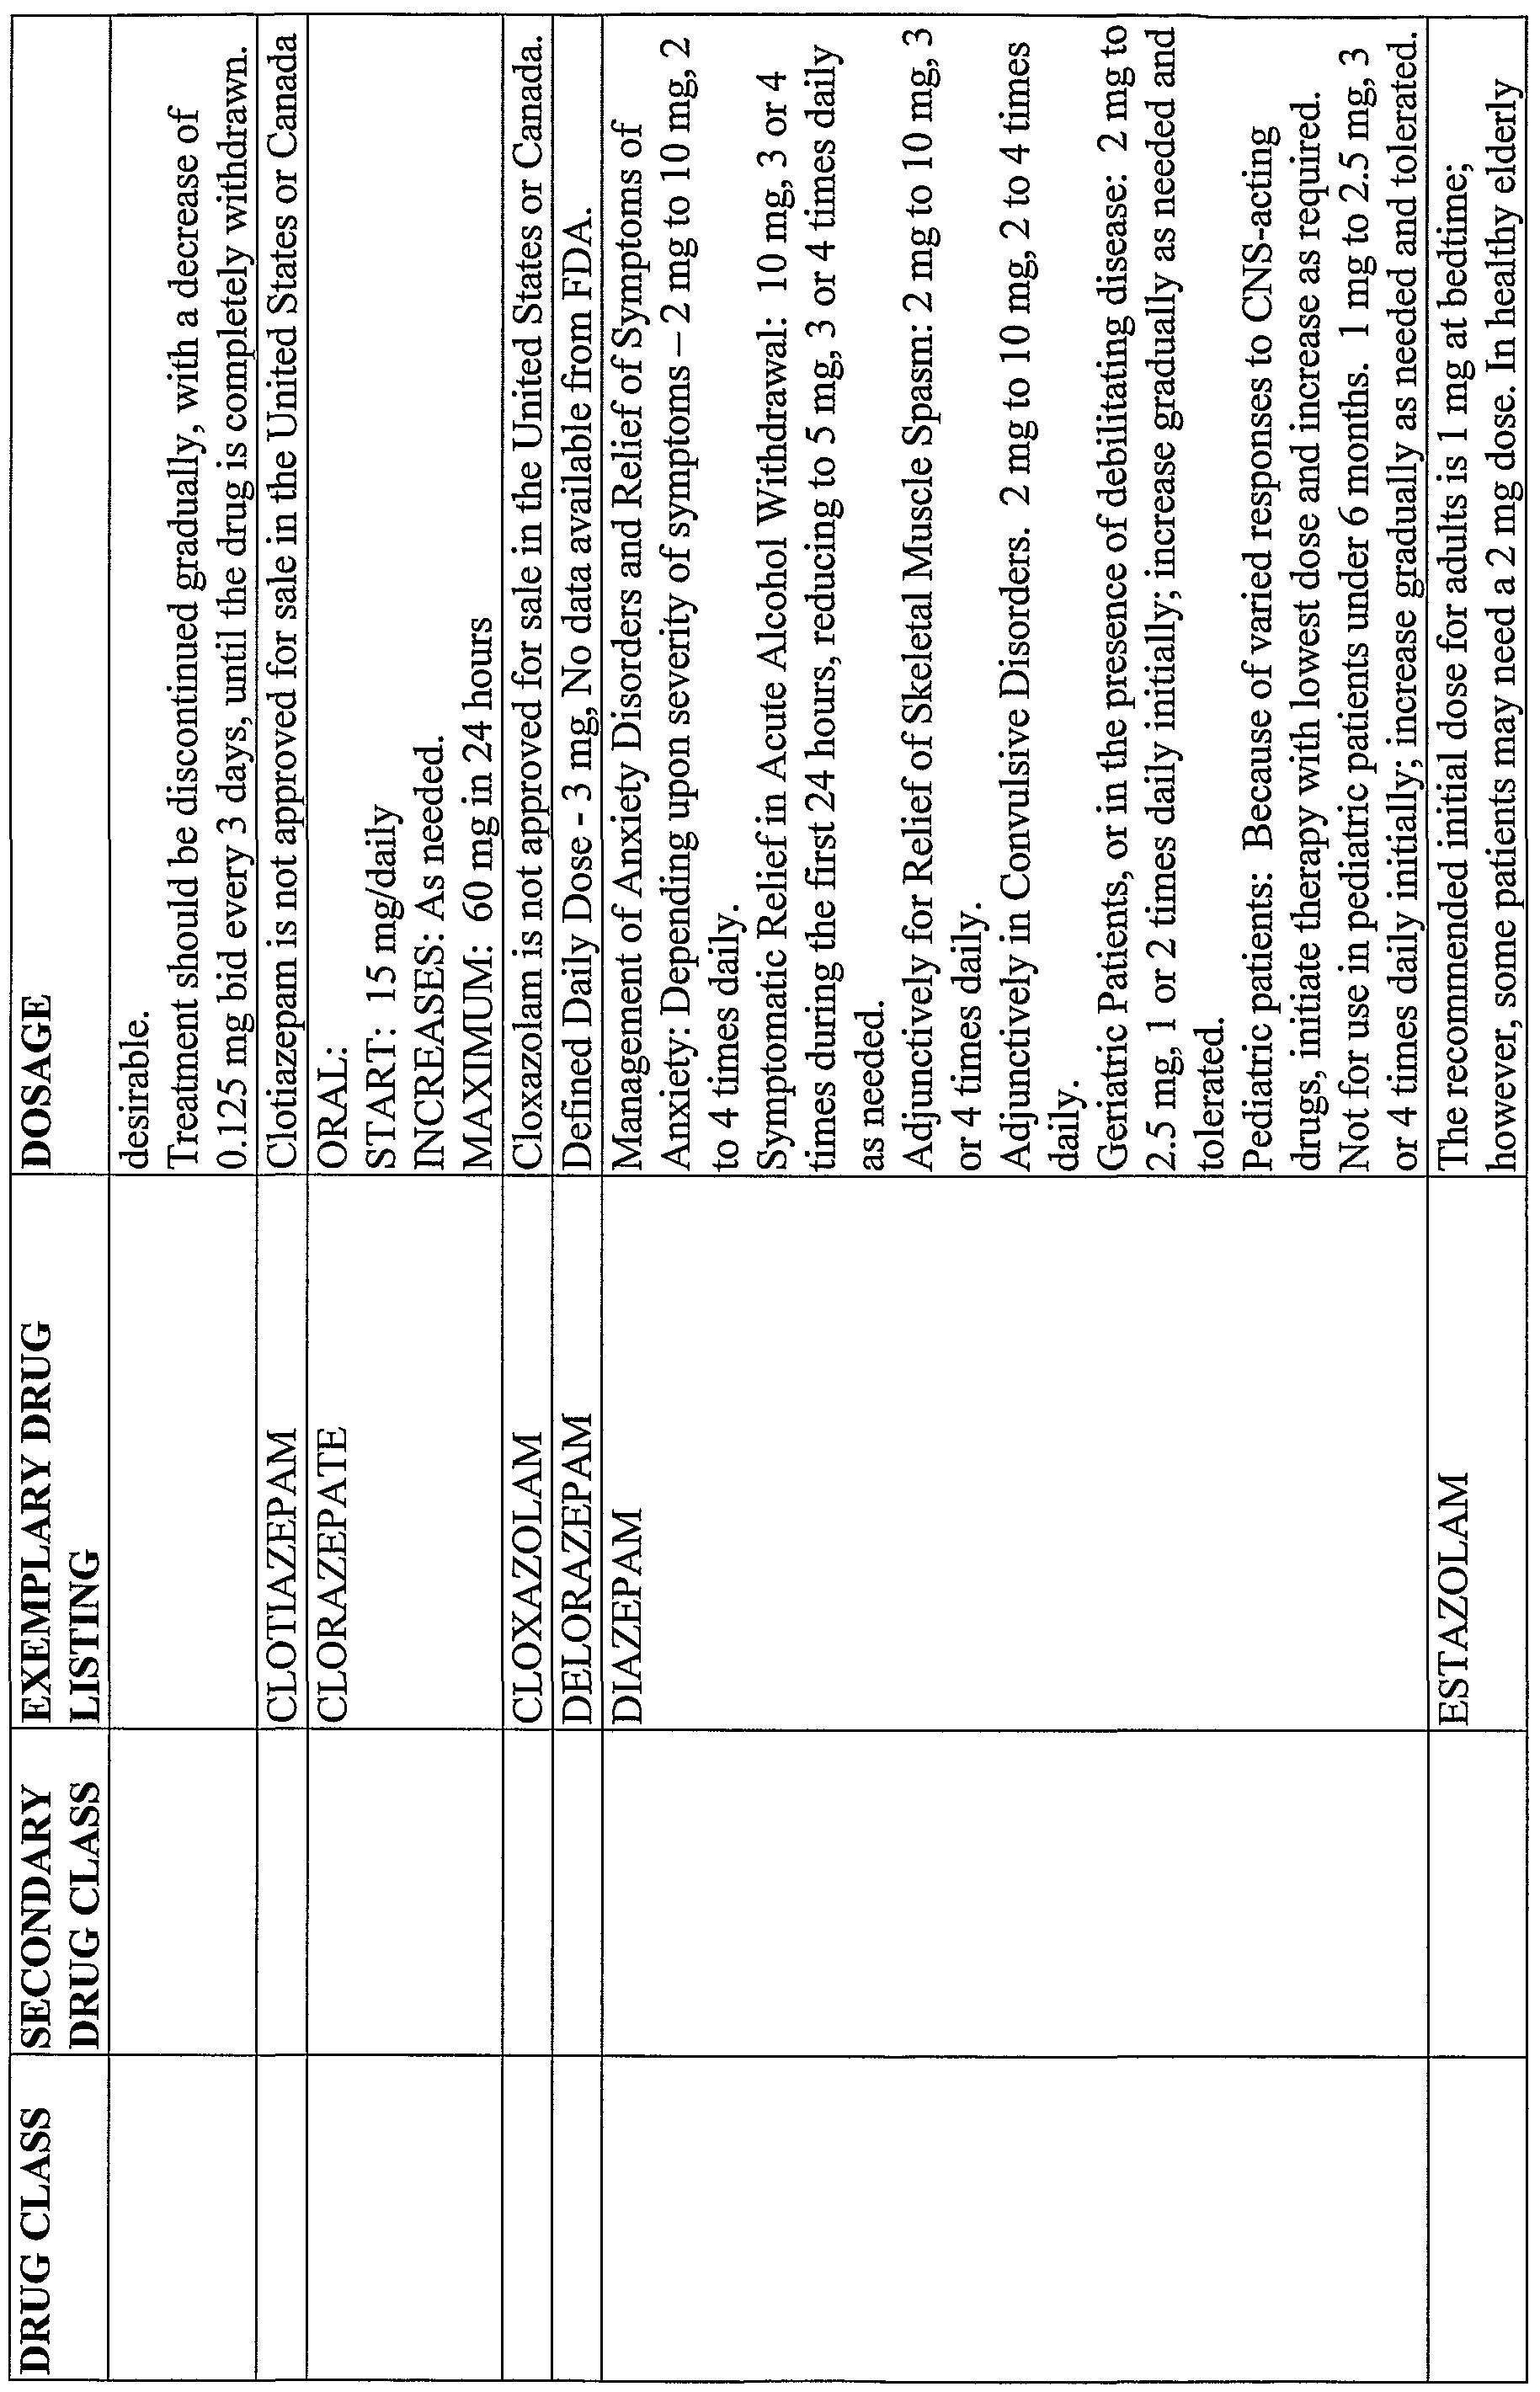 Duradexx 250 Results